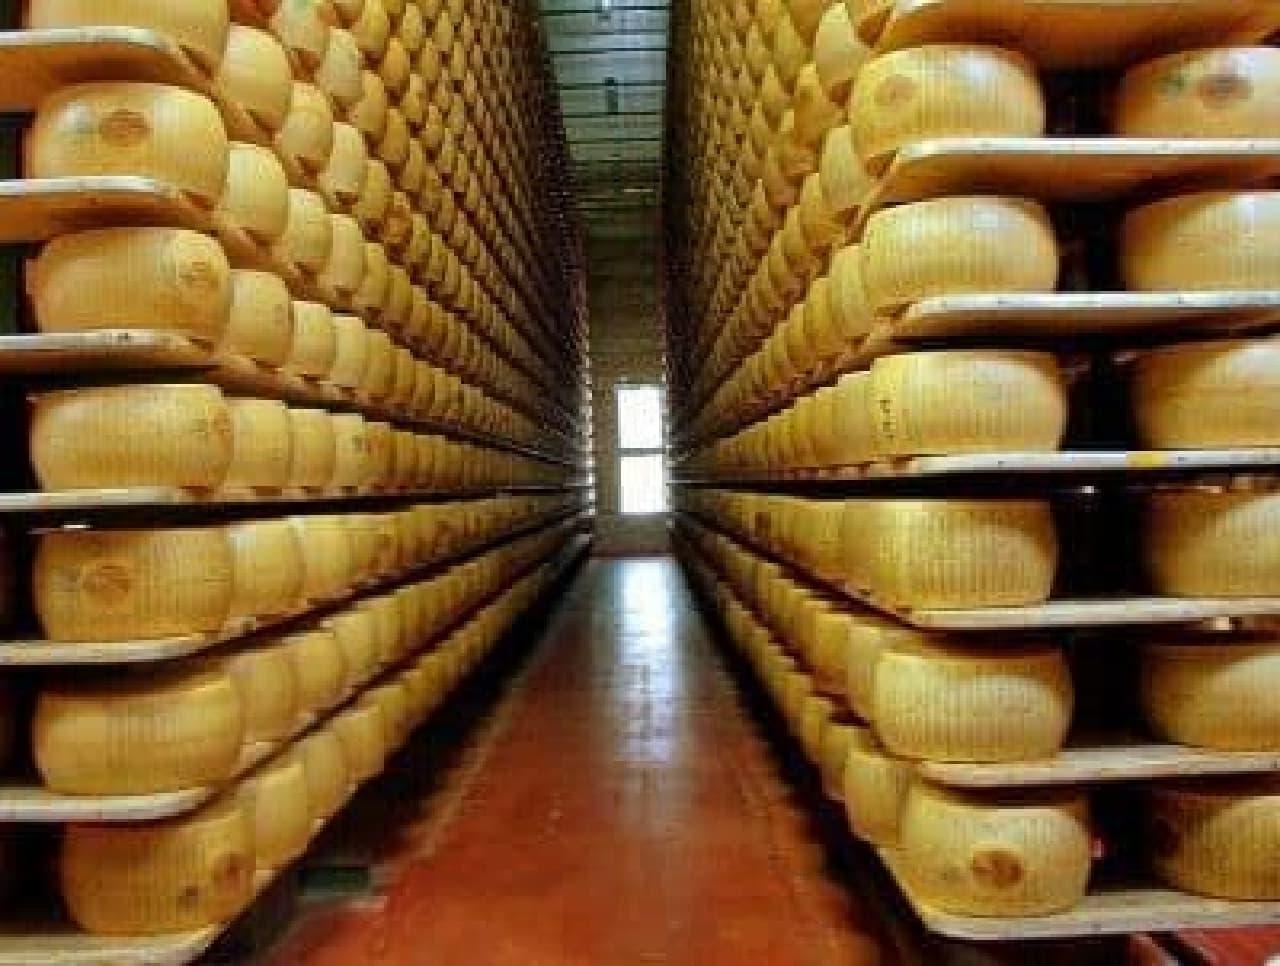 チーズ工場(写真提供:Wikipedia)